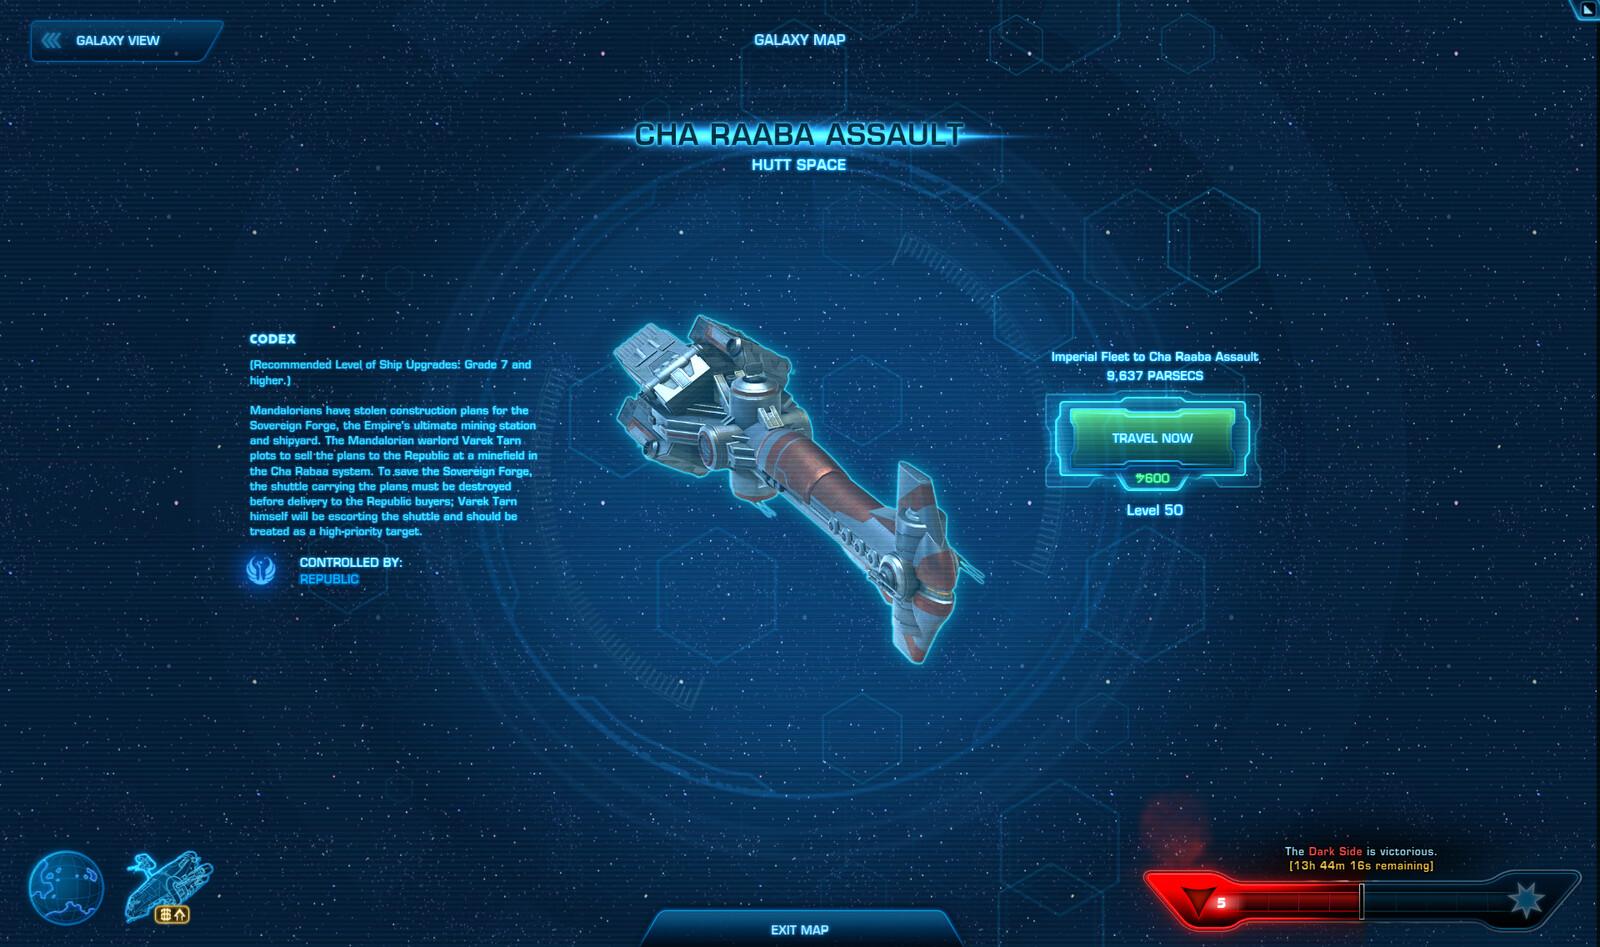 Destination view - space battle